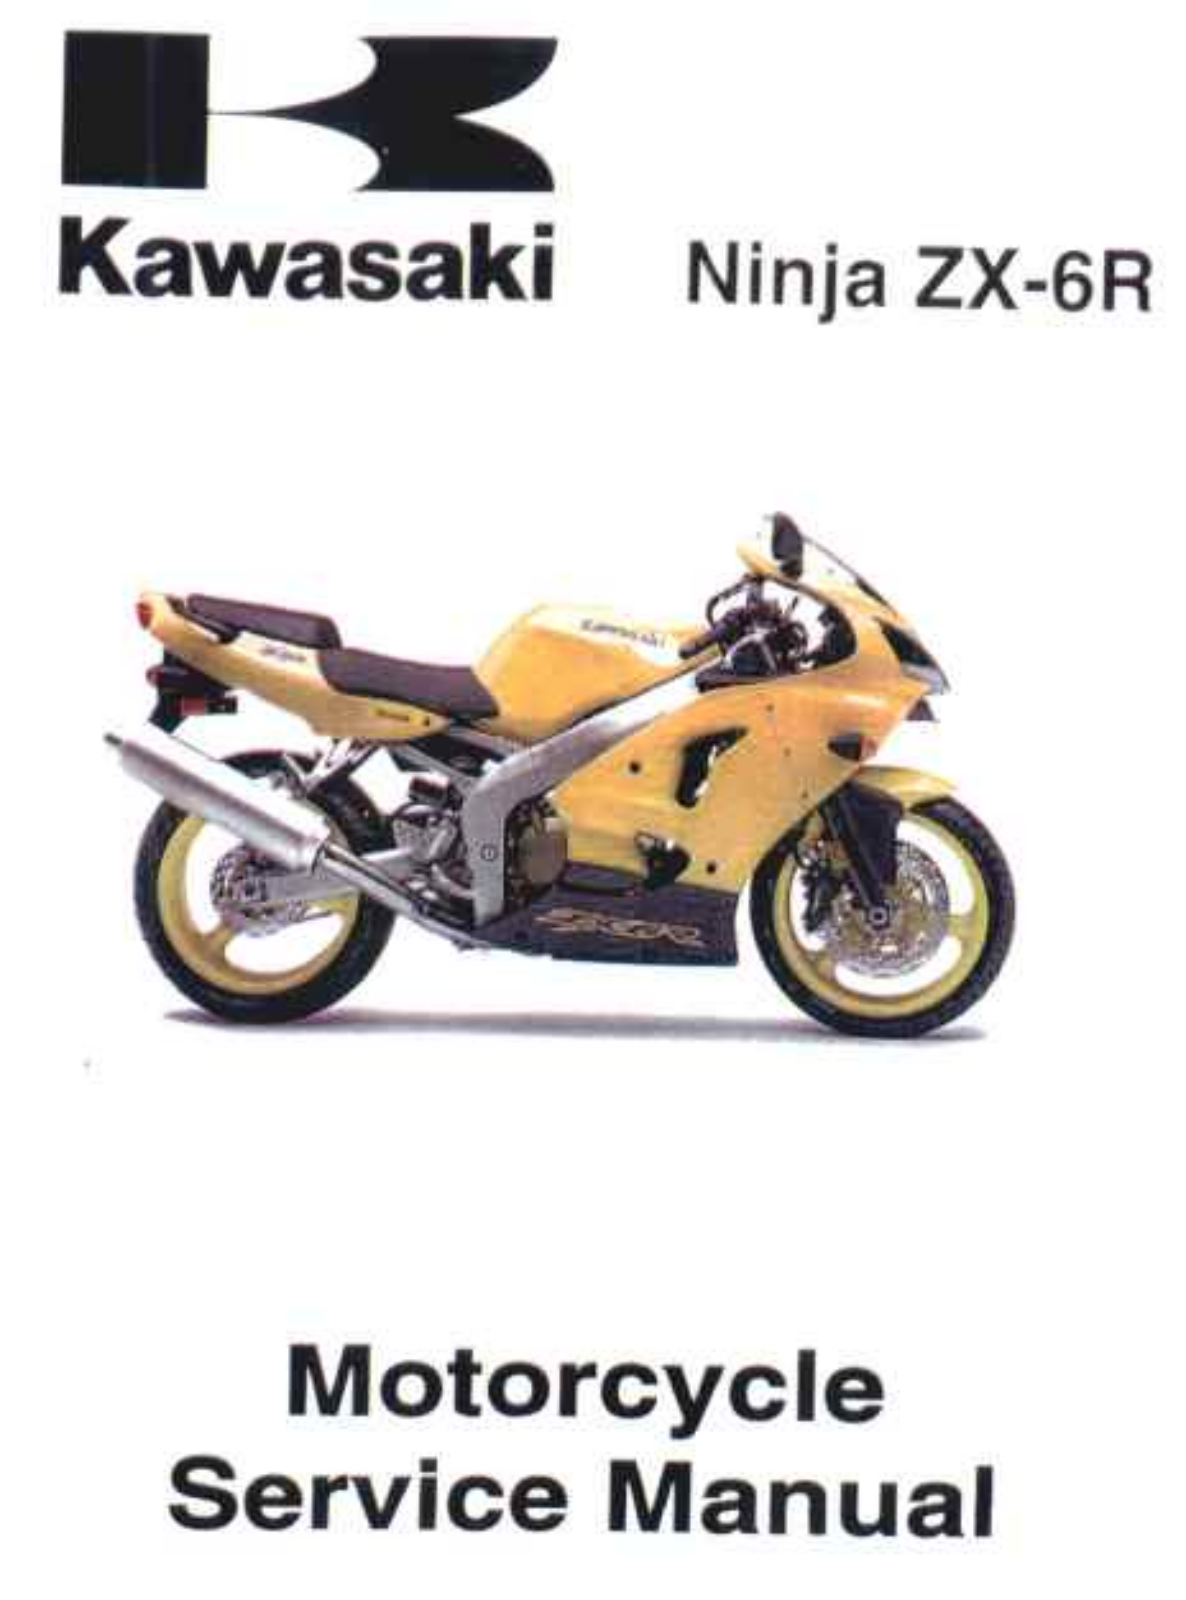 Kawasaki Zx6r 00 02 Service Manual